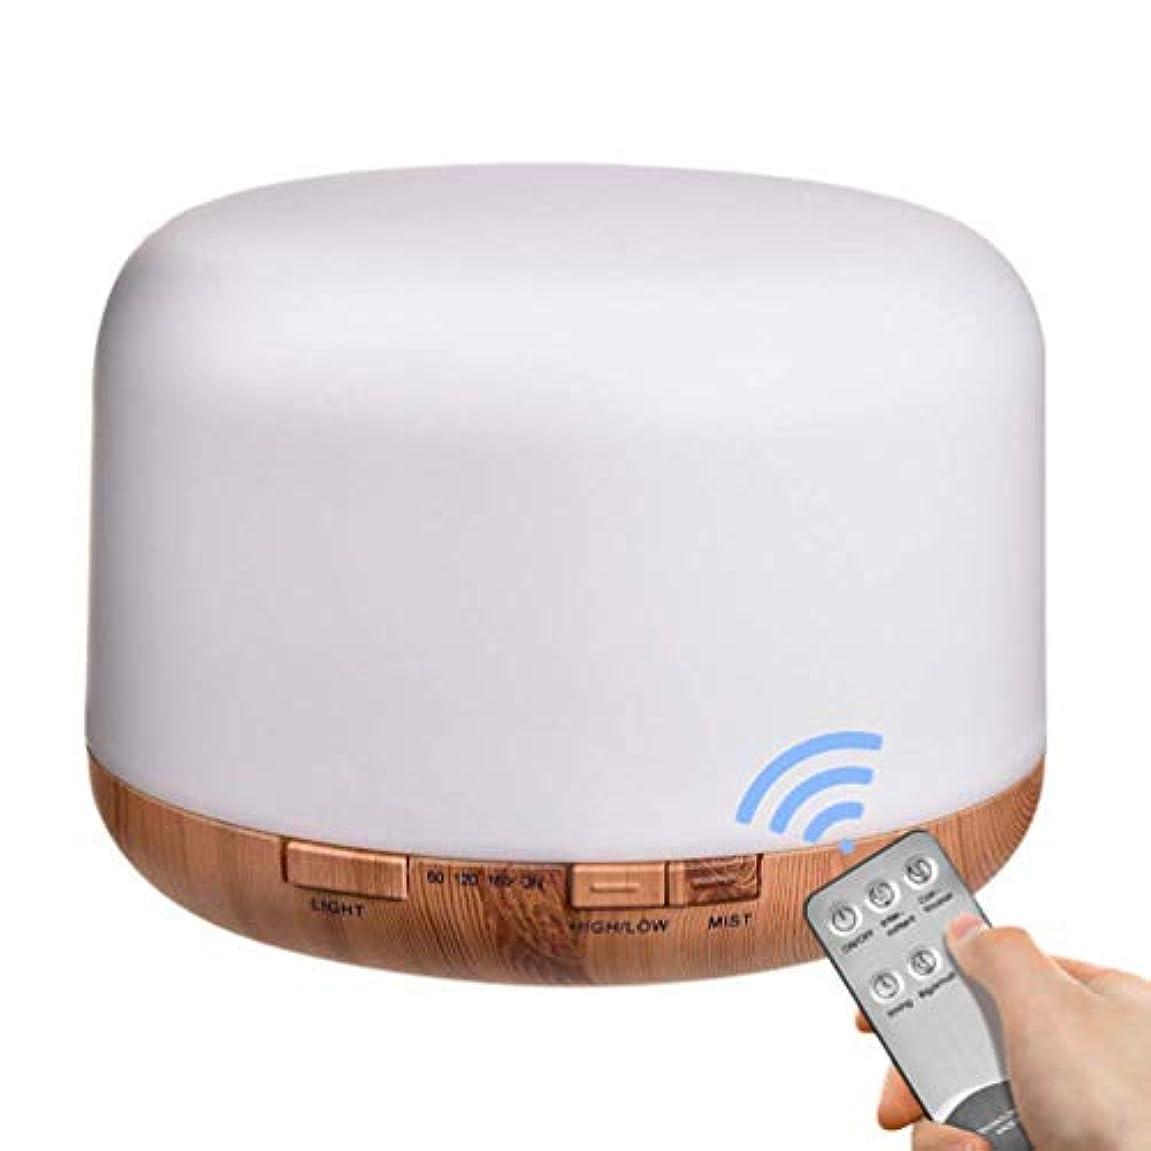 エレガント創始者スペースSUPVOX 1000ml Humidifier Ultrasonic Household Remote Control Silence Aromatherapy Diffuser Essential Oil Diffuser for Office Bedroom Home (JP Plug)